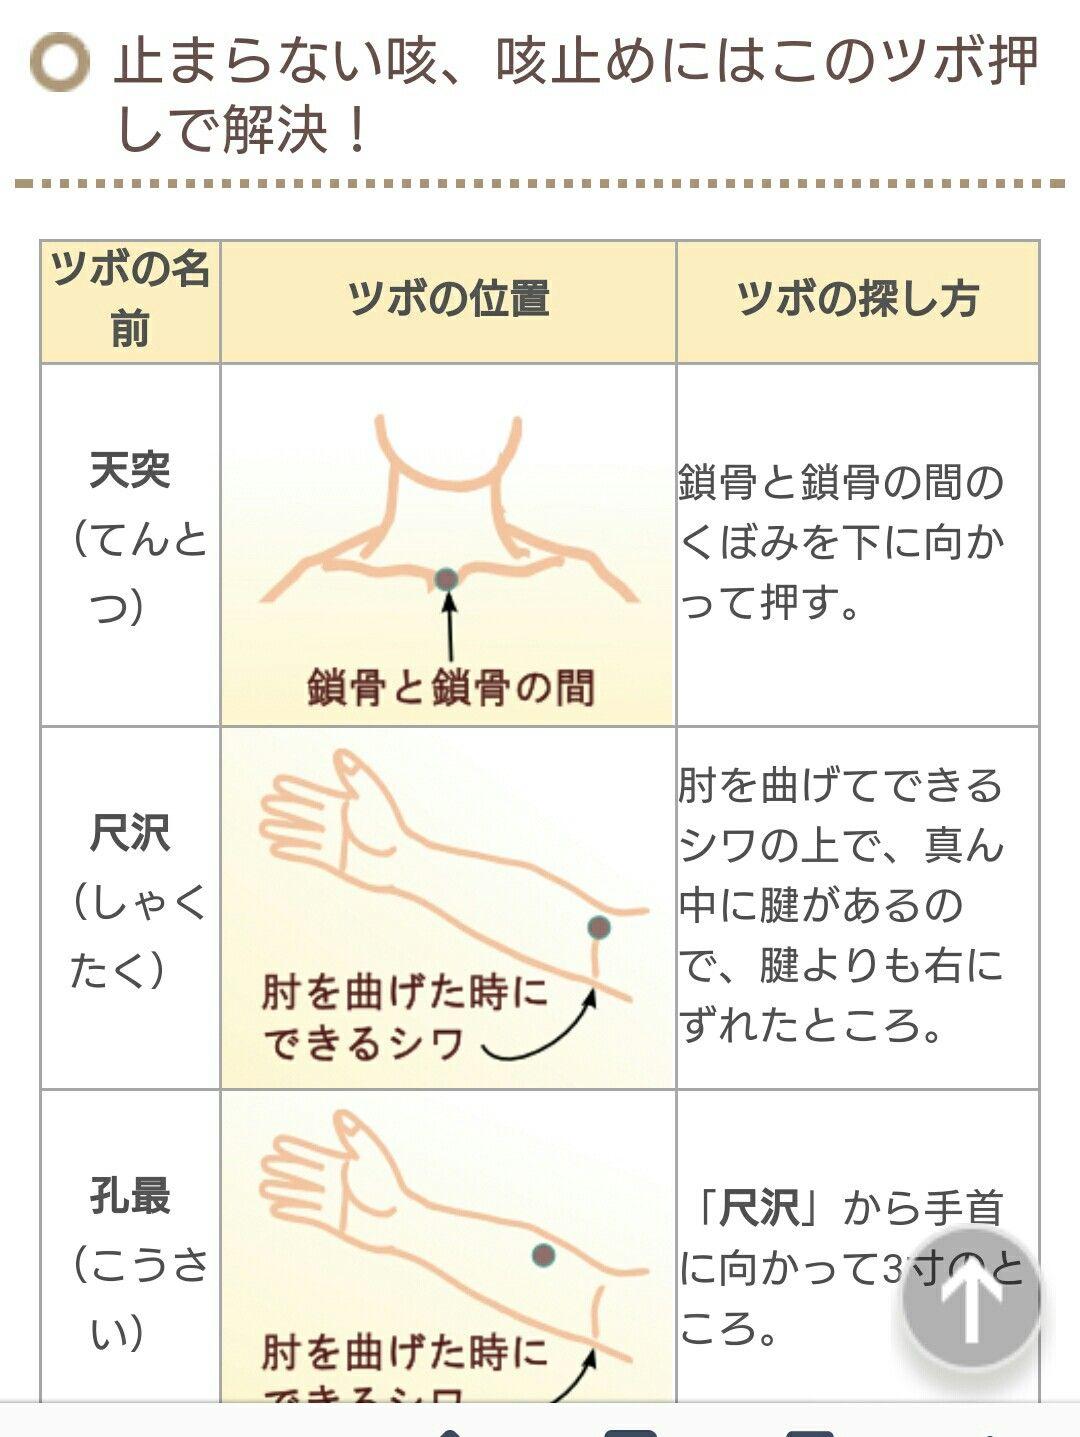 咳を止めるツボ ツボ 健康 チェックリスト